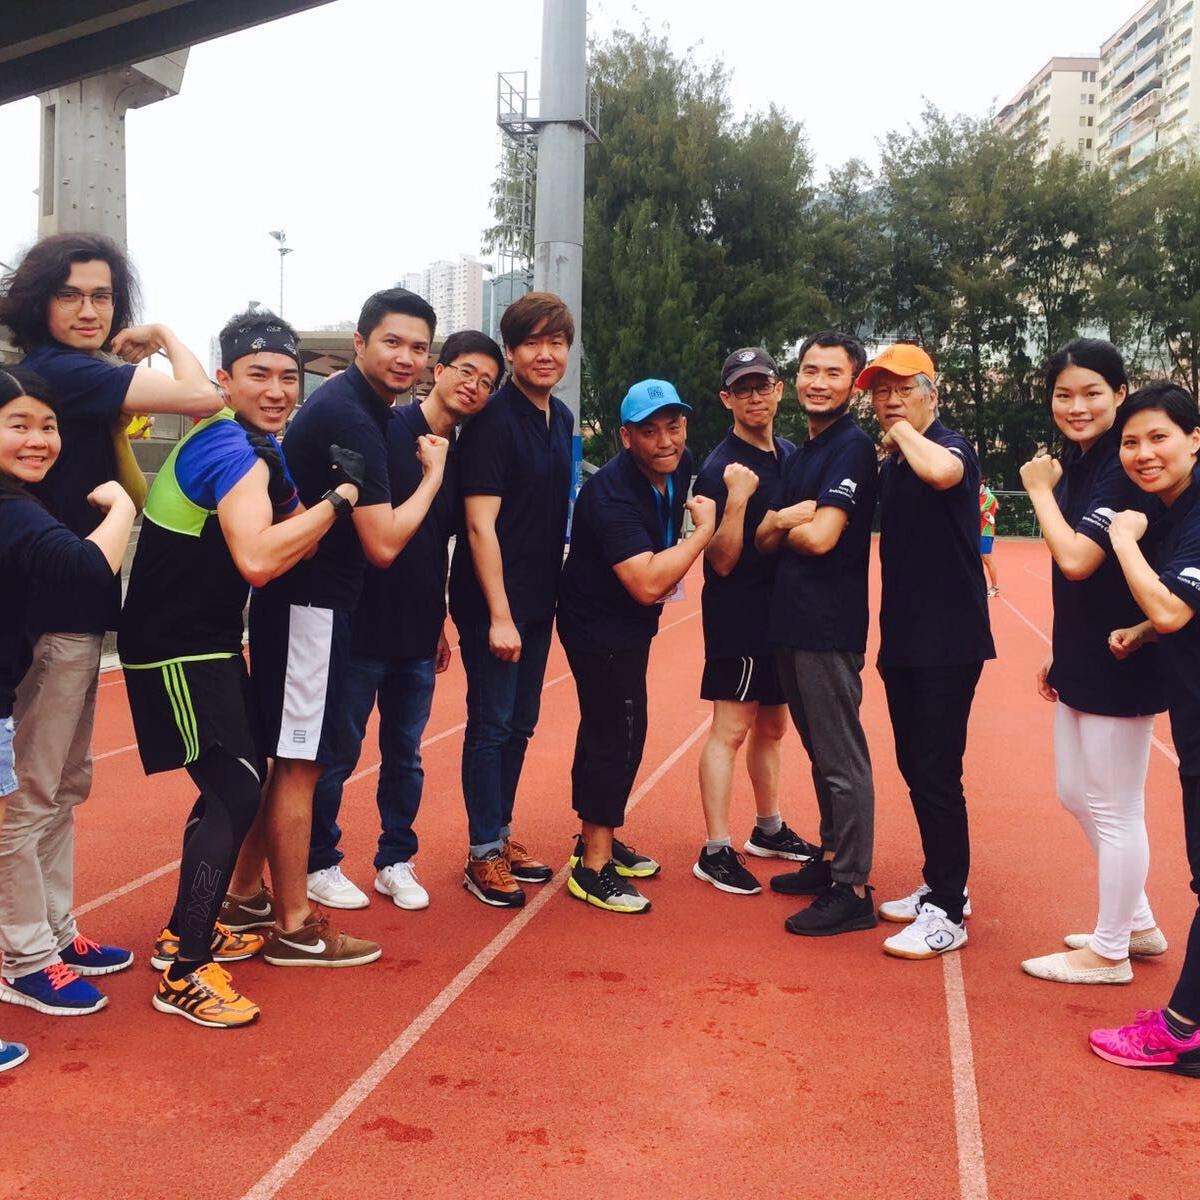 HKIA Sport Day  16 Apr 2016